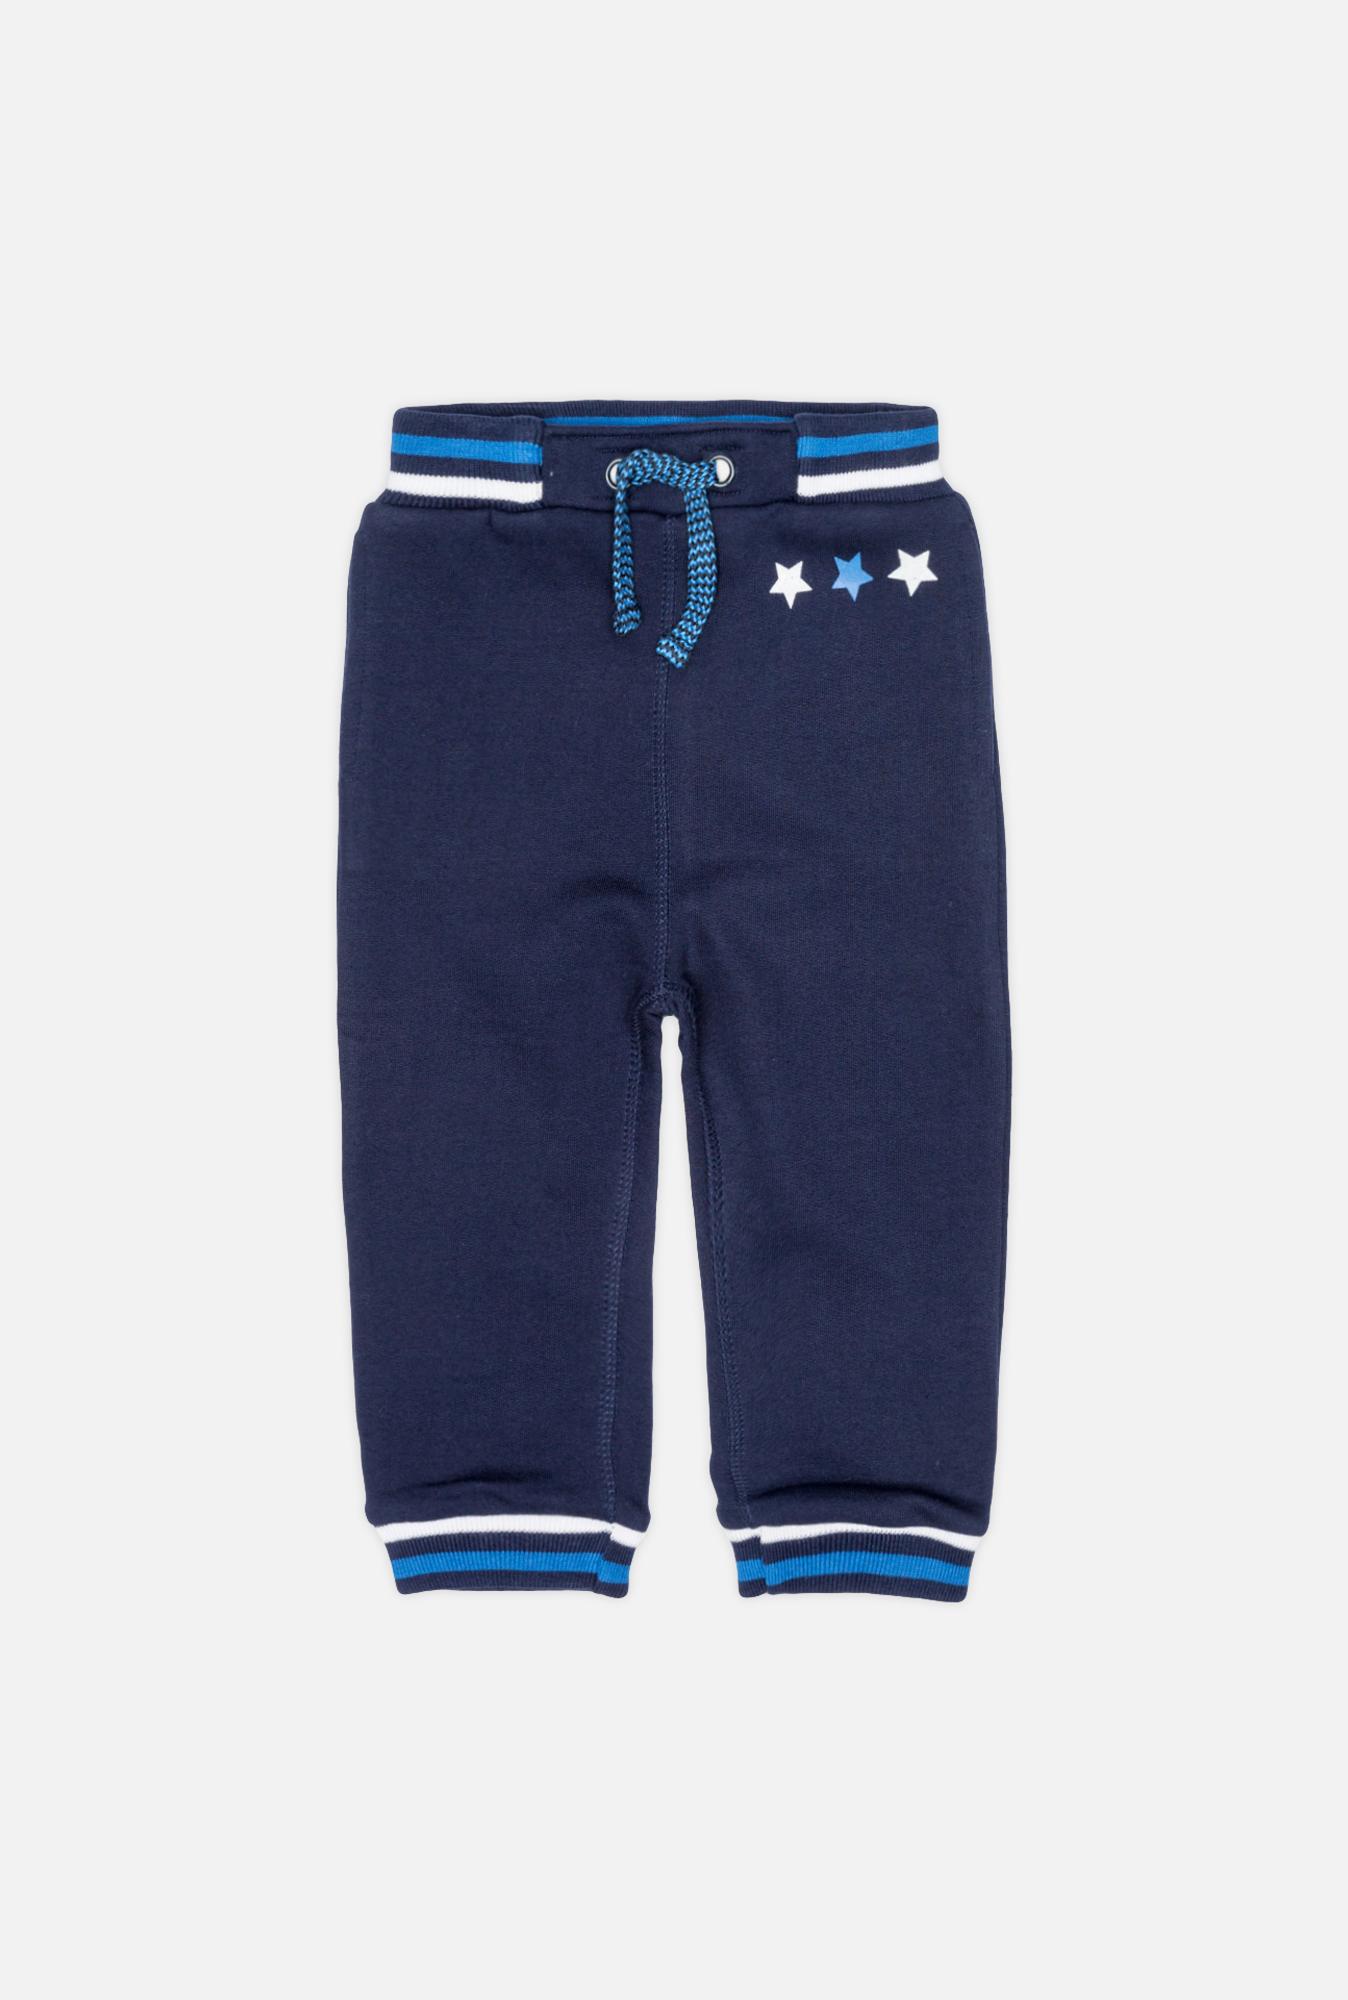 22150160010 Брюки детские для мальчиков Octans темно-синий